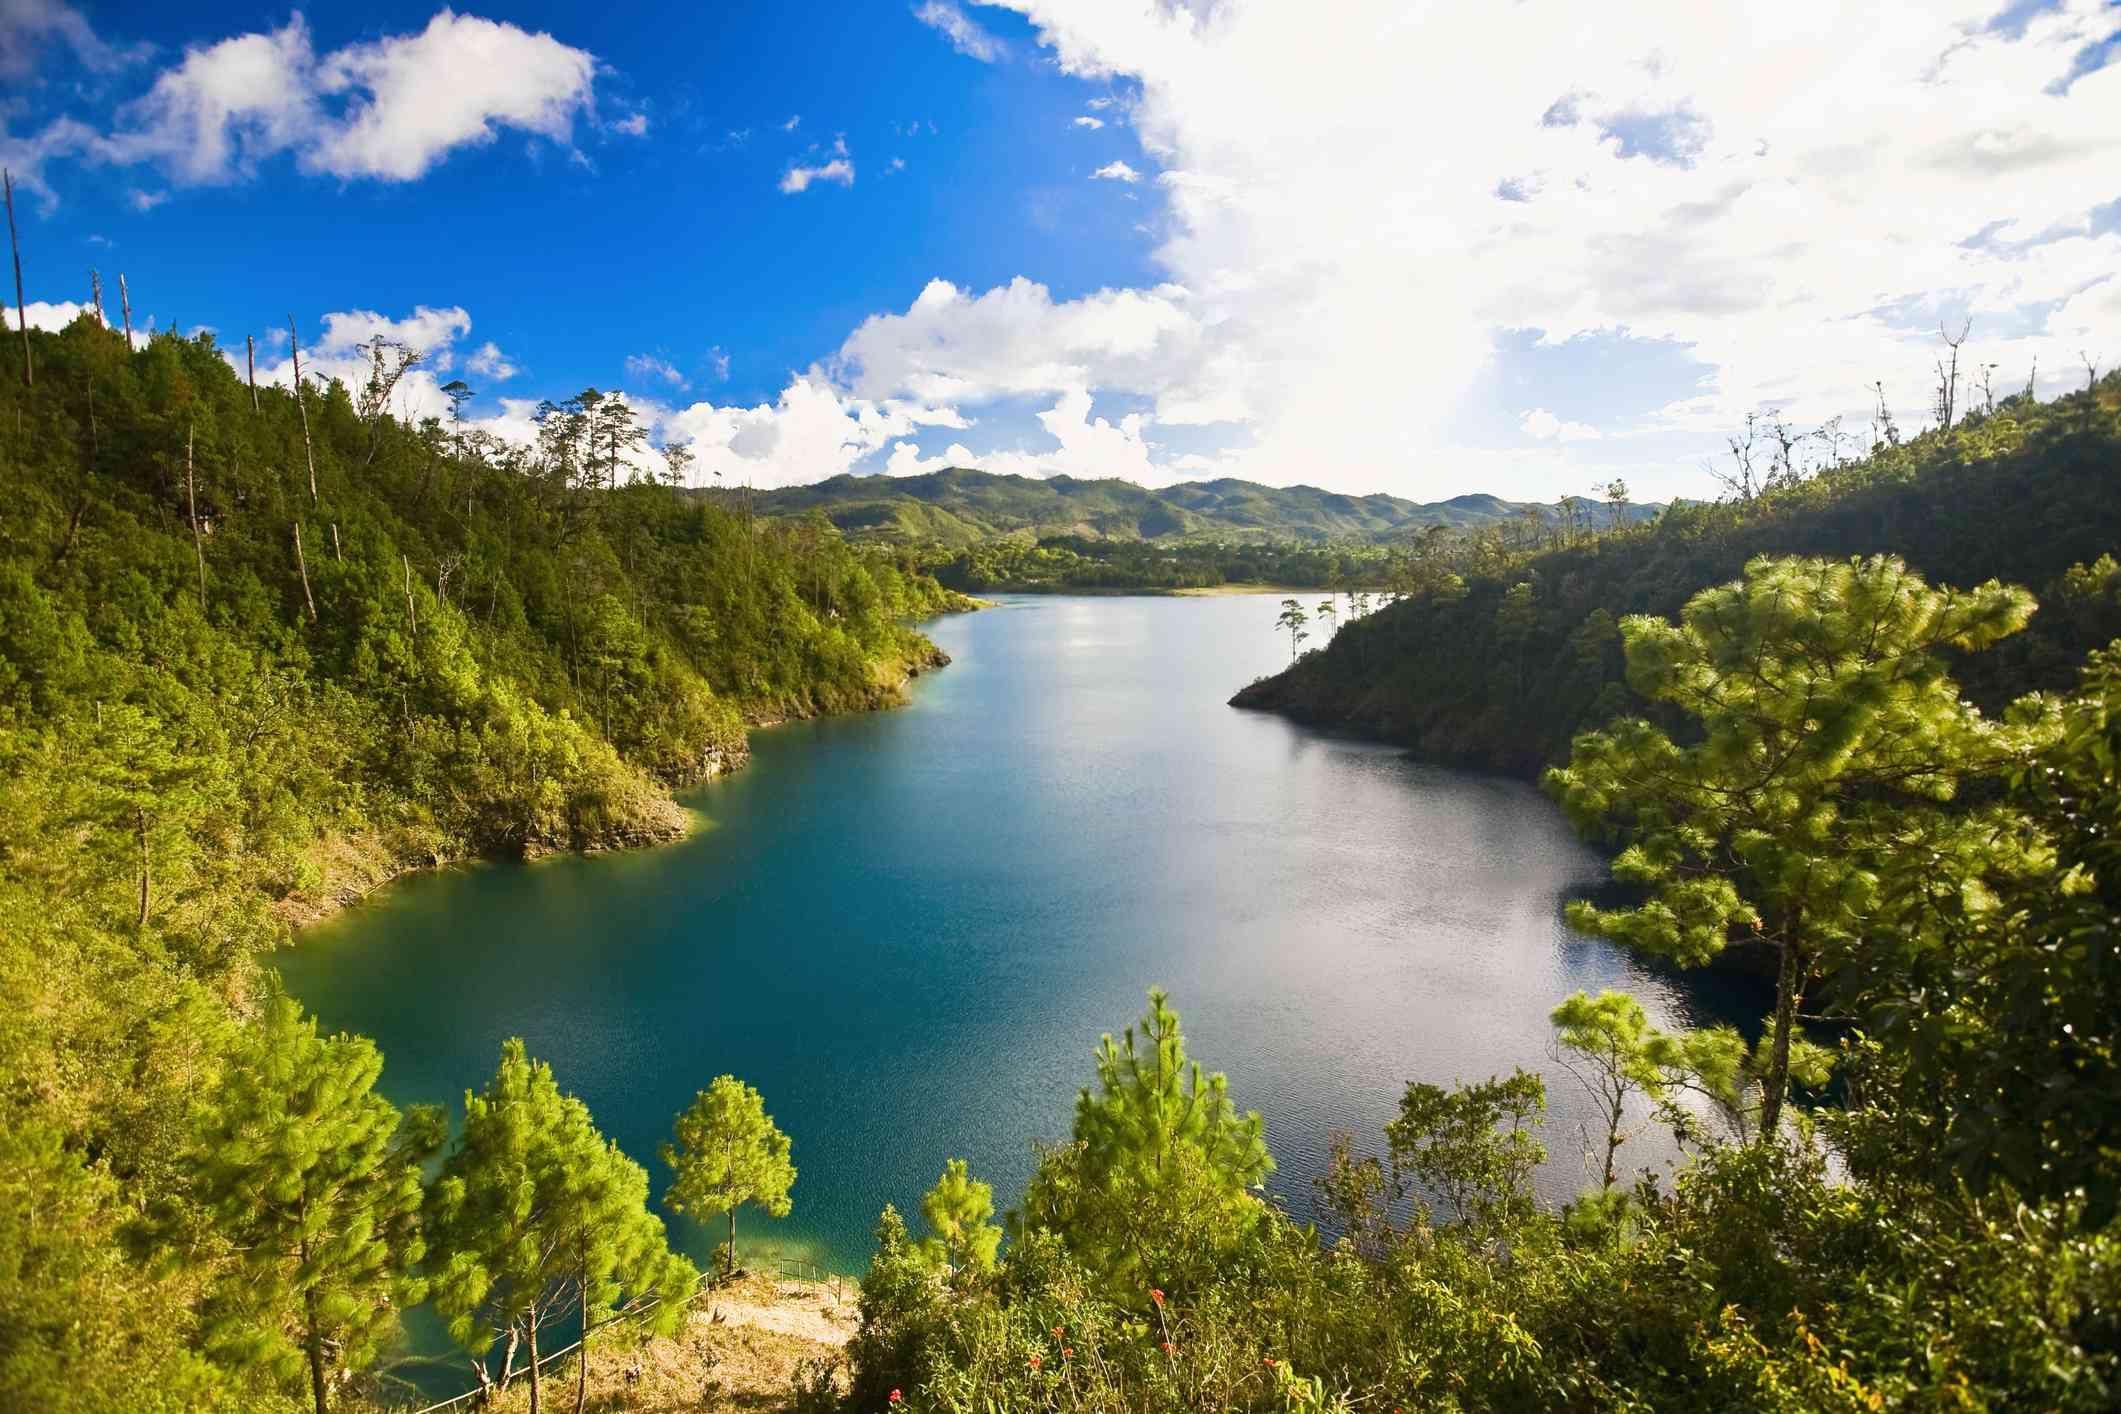 Lake surrounded by mountains, Lagunas De Montebello National Park, Chiapas, Mexico